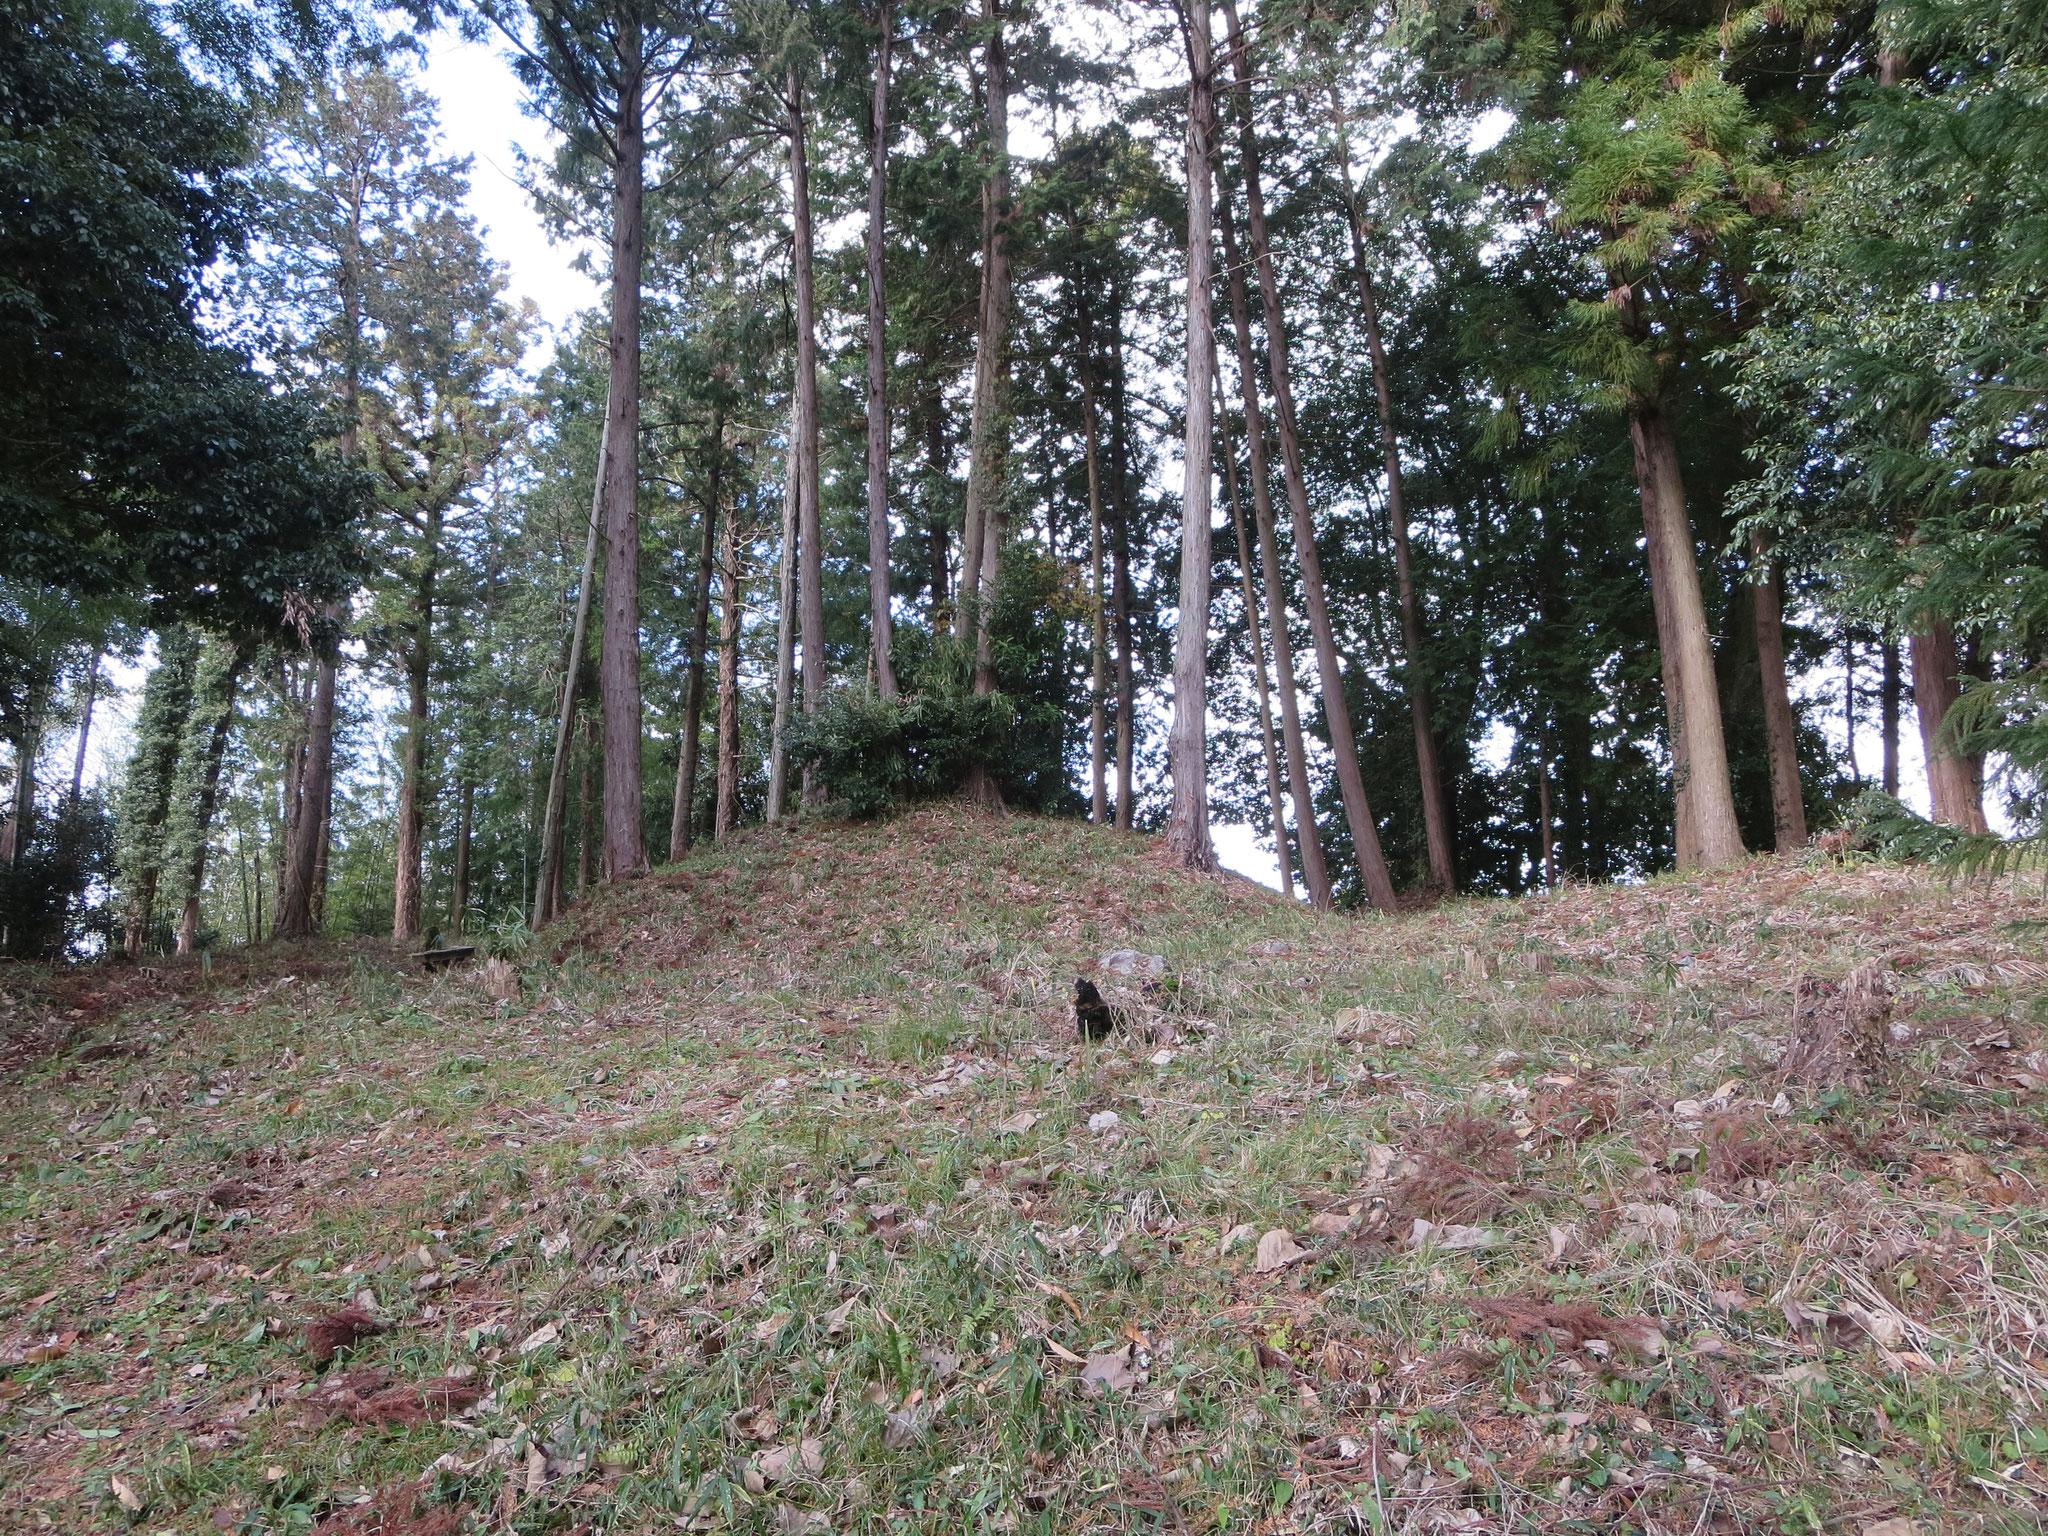 大原神社近くの藤原鎌足の母、大伴夫人(おおともぶにん)の墓